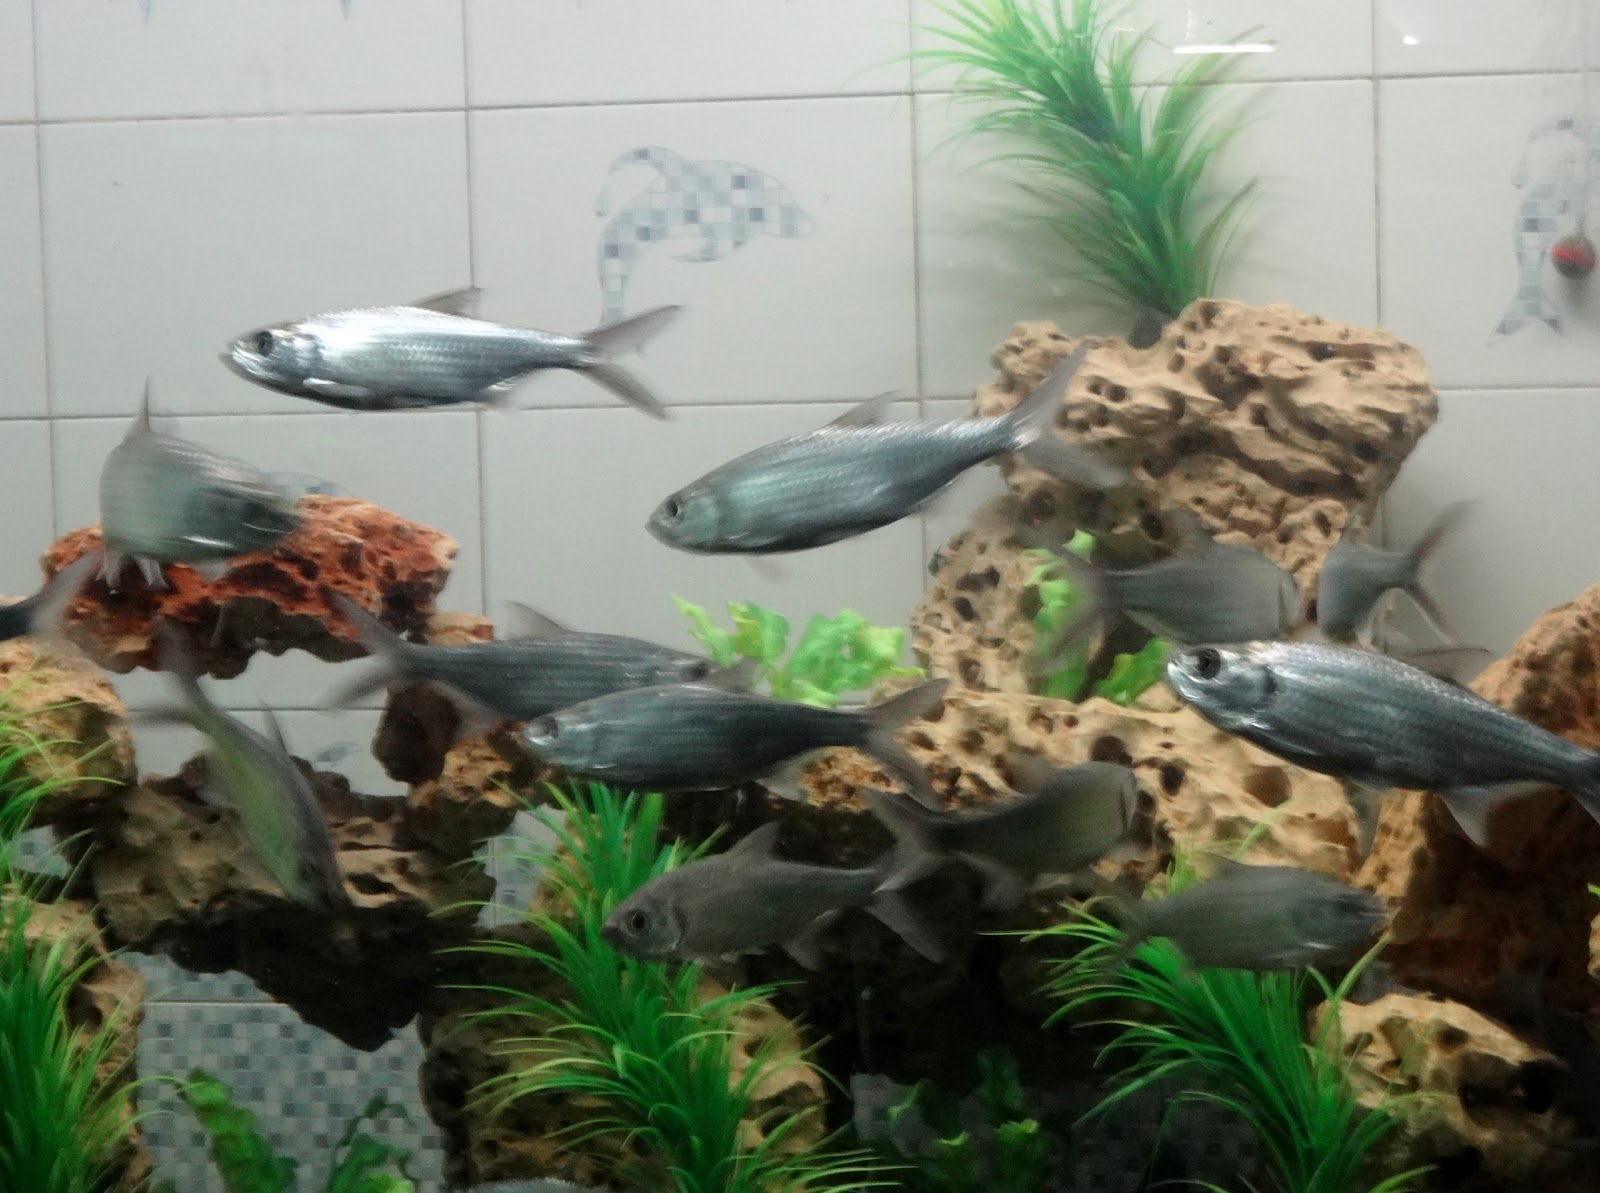 Fish for aquarium in kolkata - The Dolphin Fish Aquarium